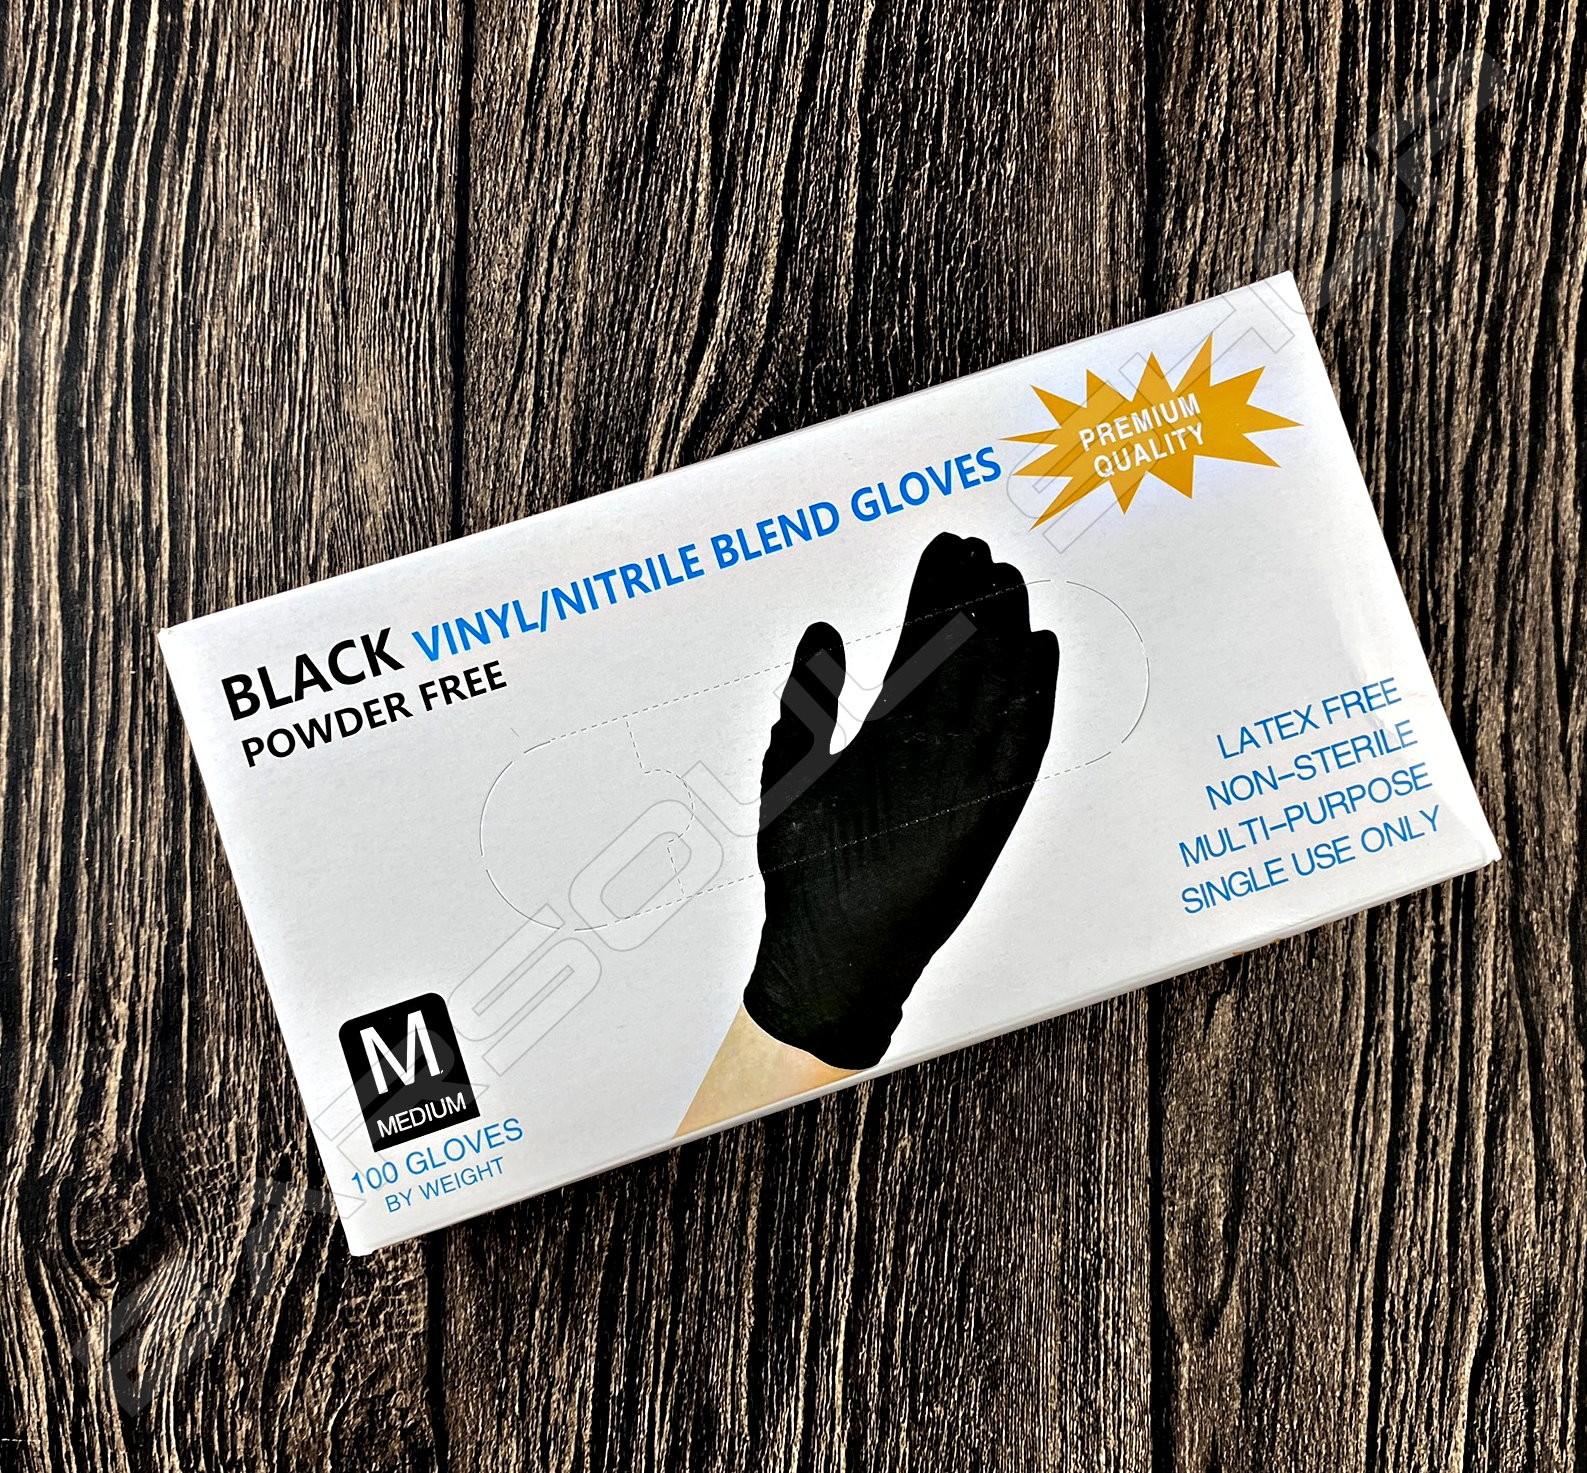 黑色彈性乳膠手套(一次性/M) Black latex gloves